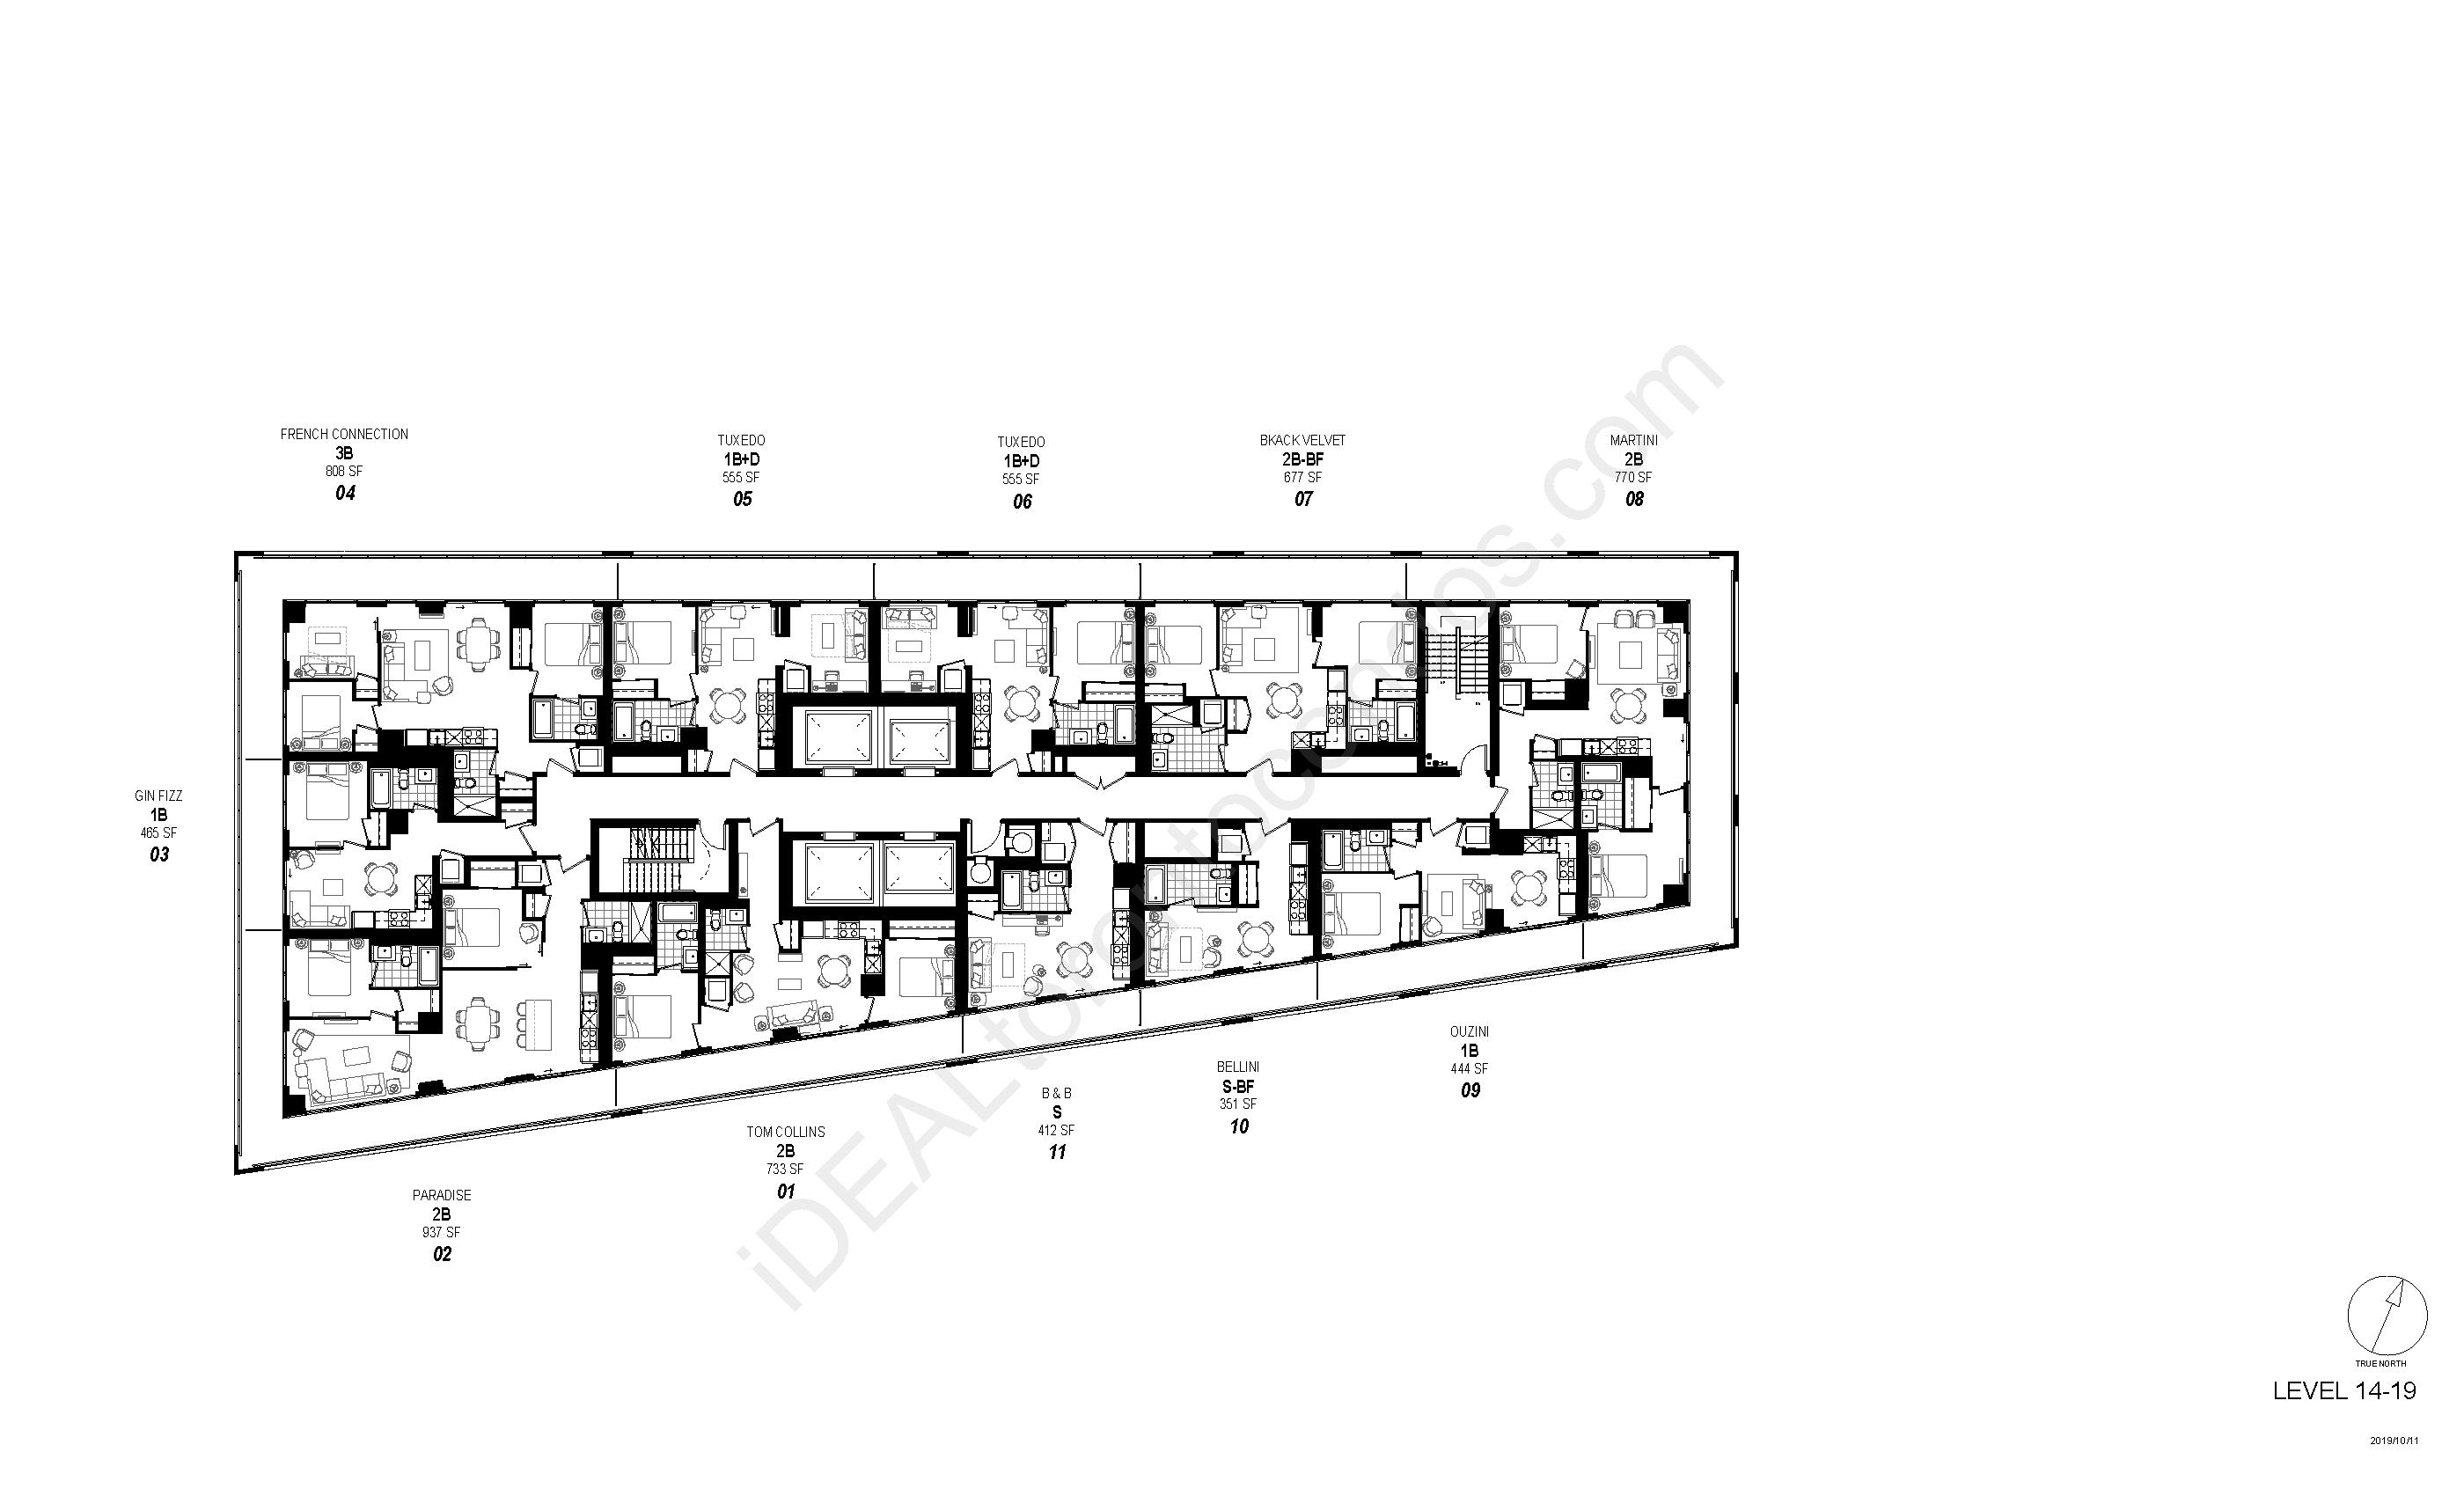 Floorplan Level 14 to 19